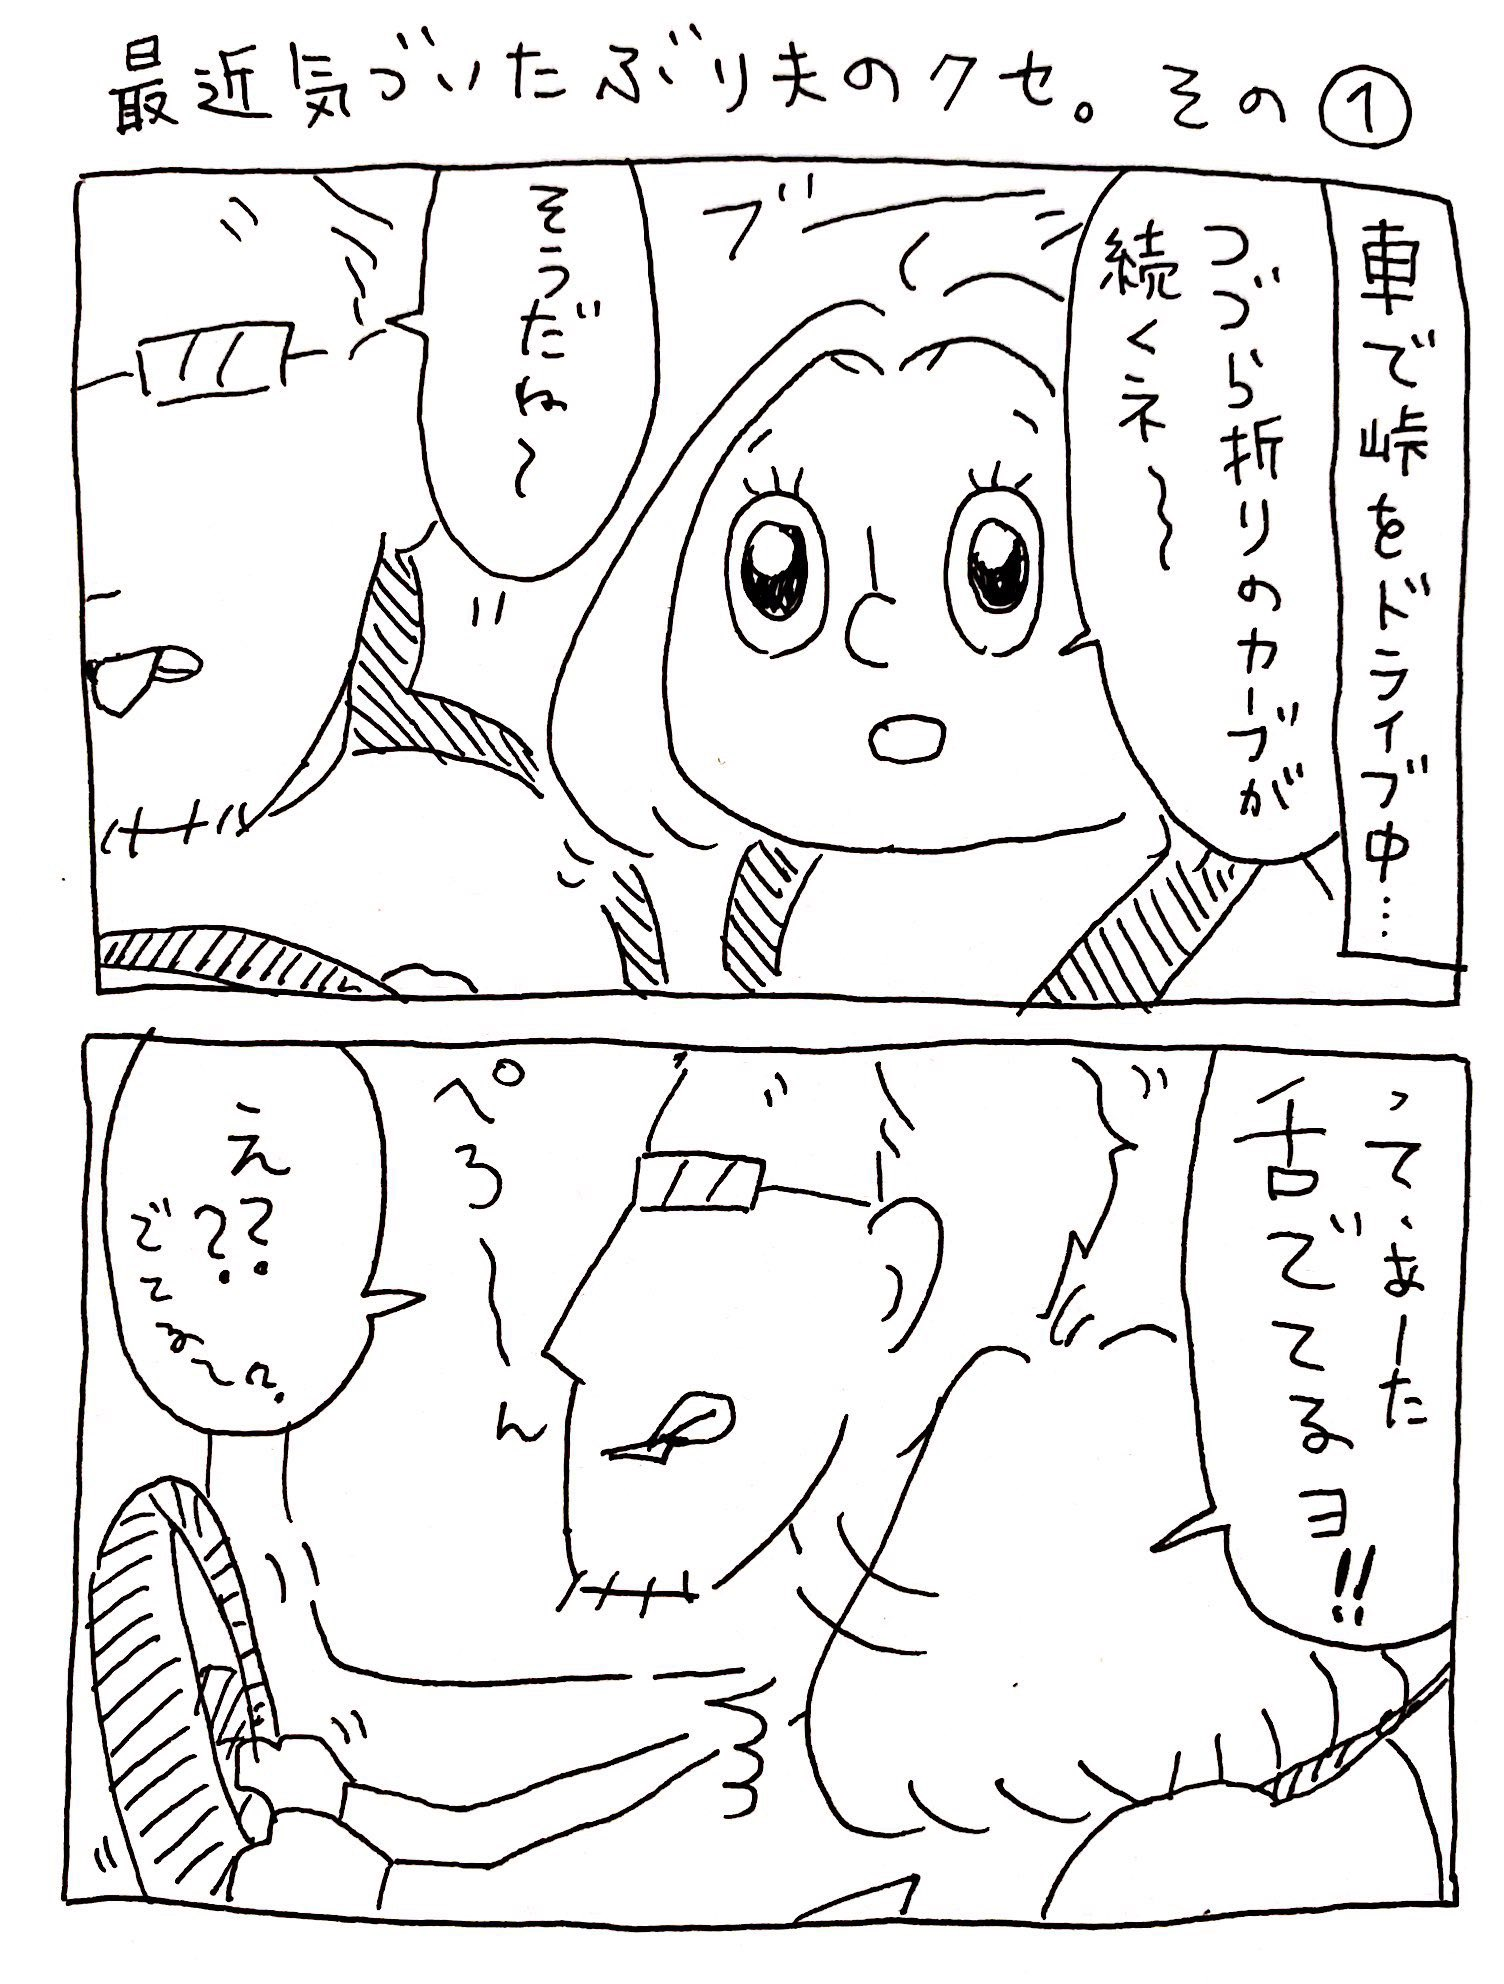 無料四コマ漫画:舌が出る癖